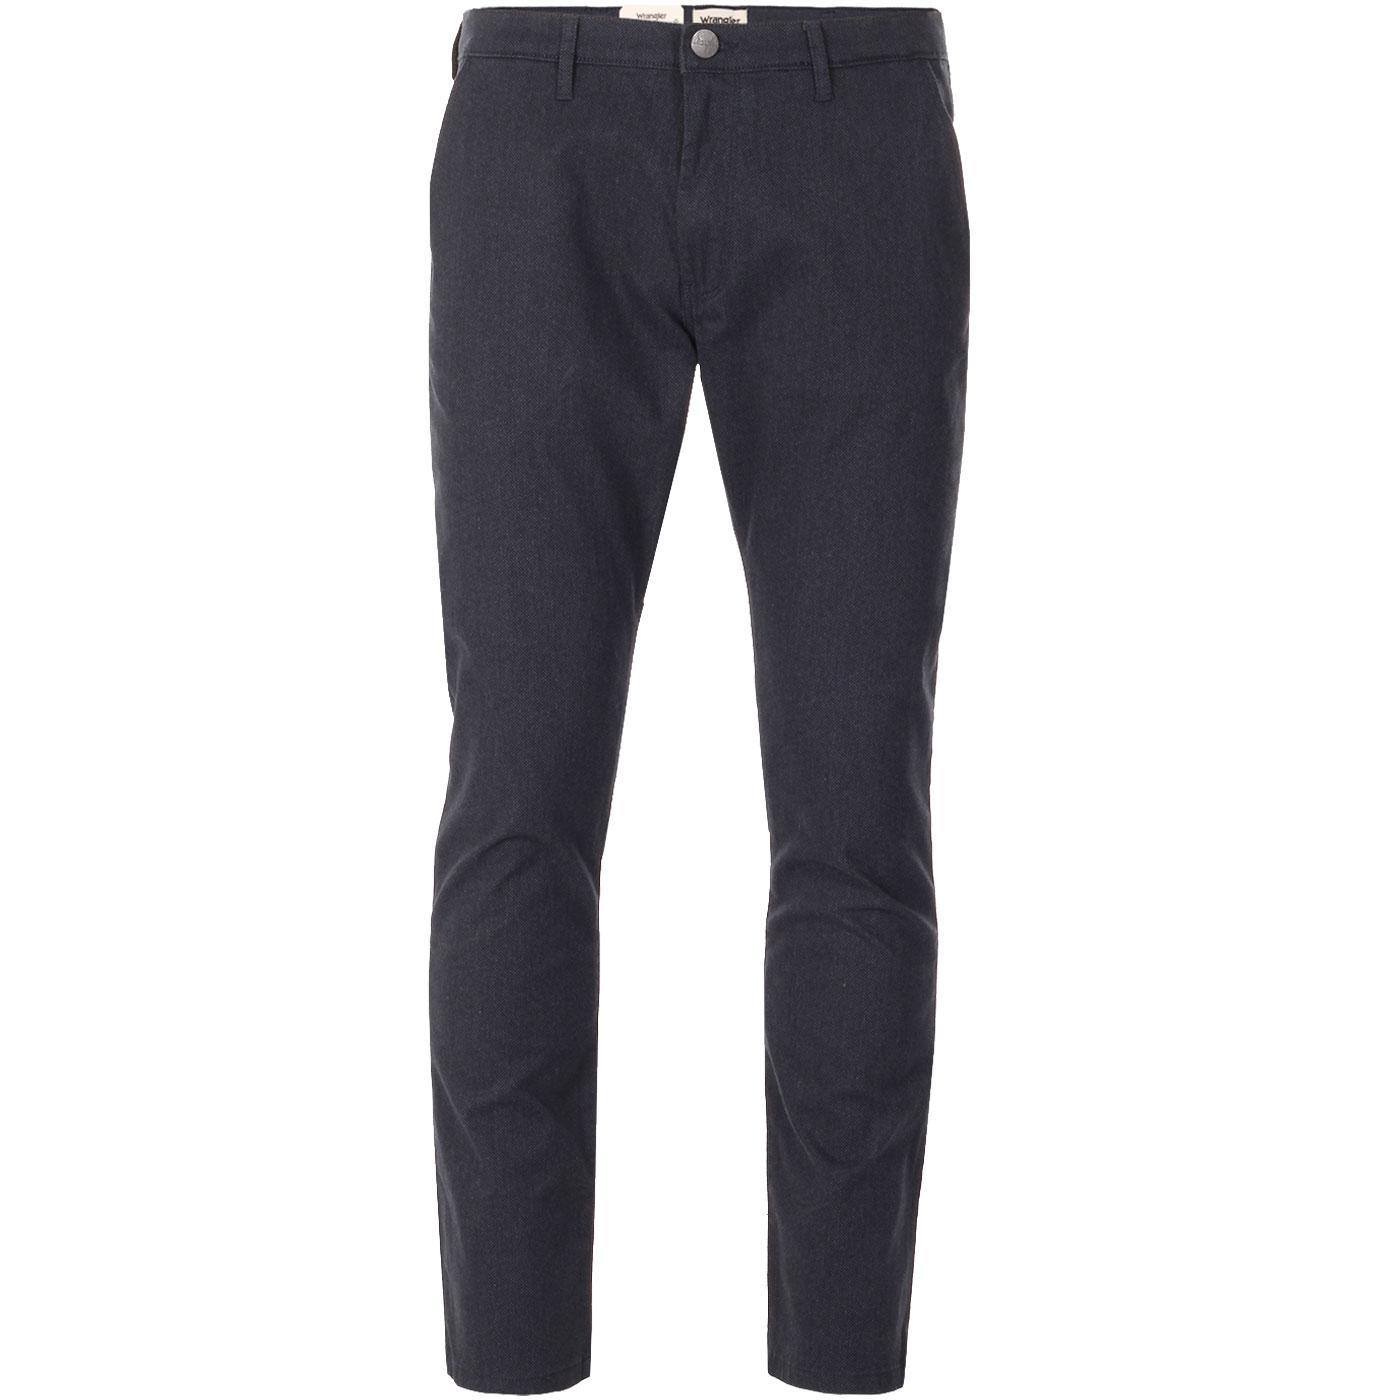 Larston WRANGLER Slim Tapered Non-Denim Trousers